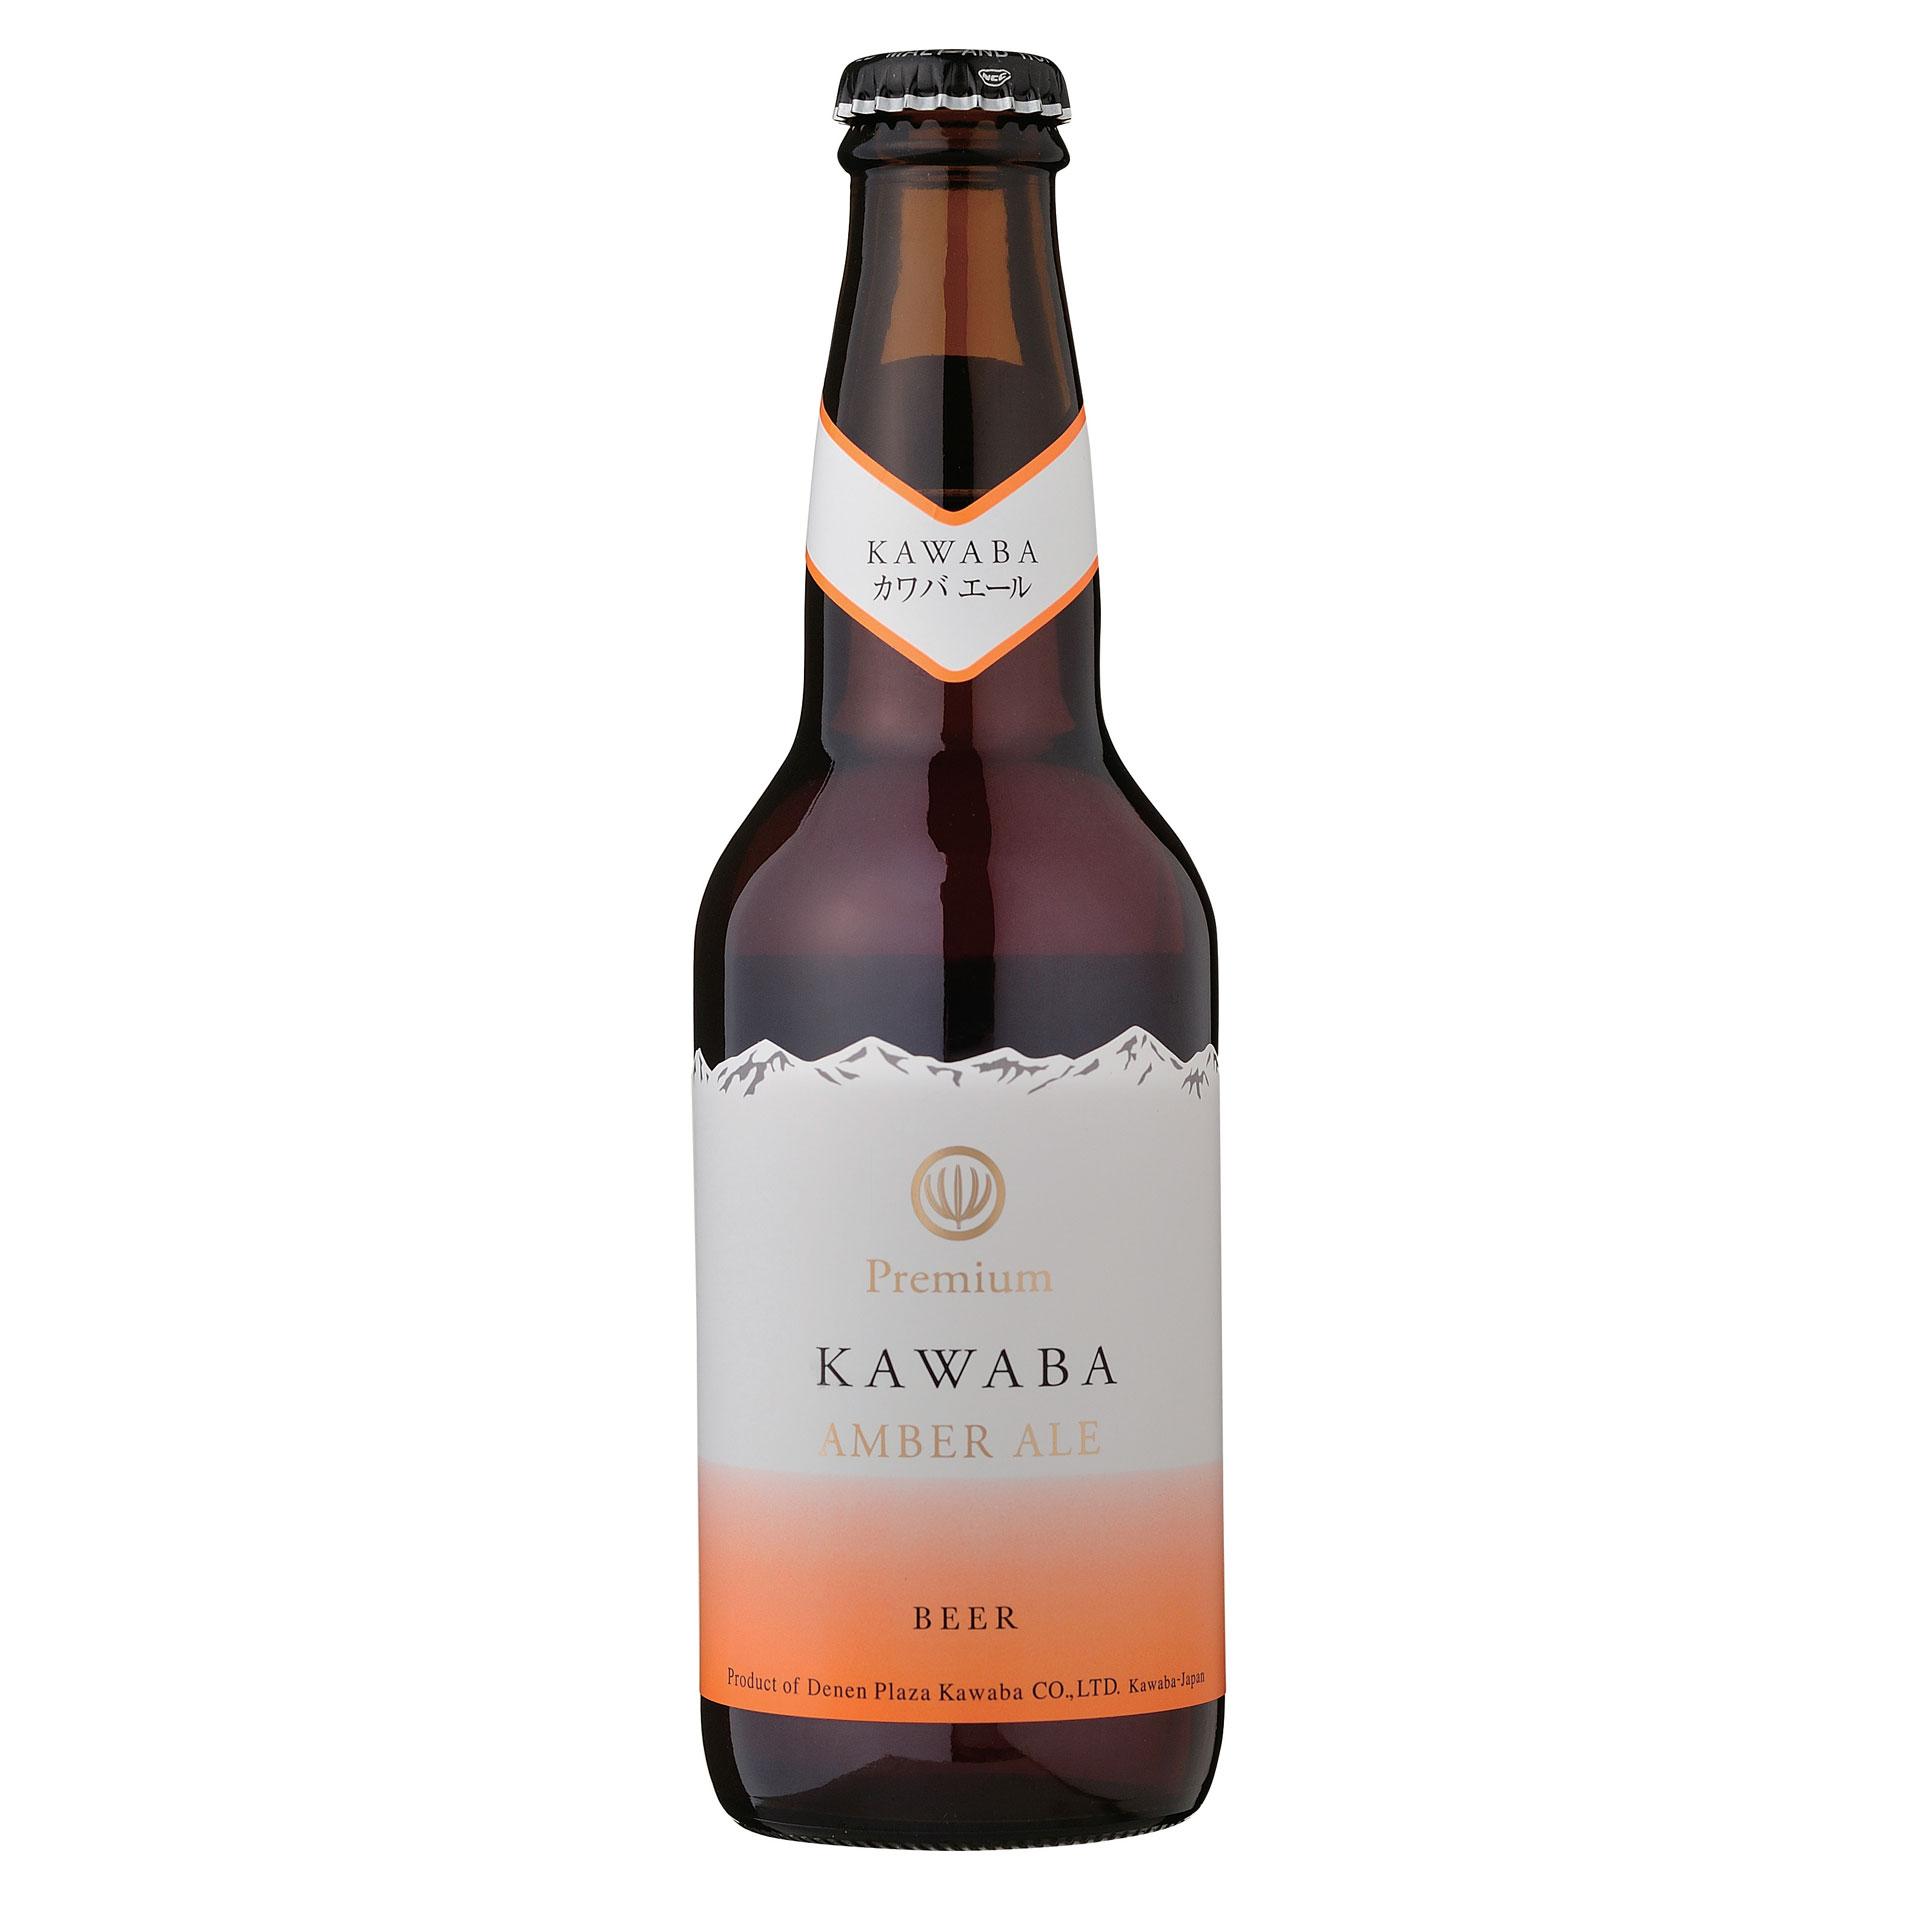 川場ビールおもてなしセットの商品詳細イメージ-636